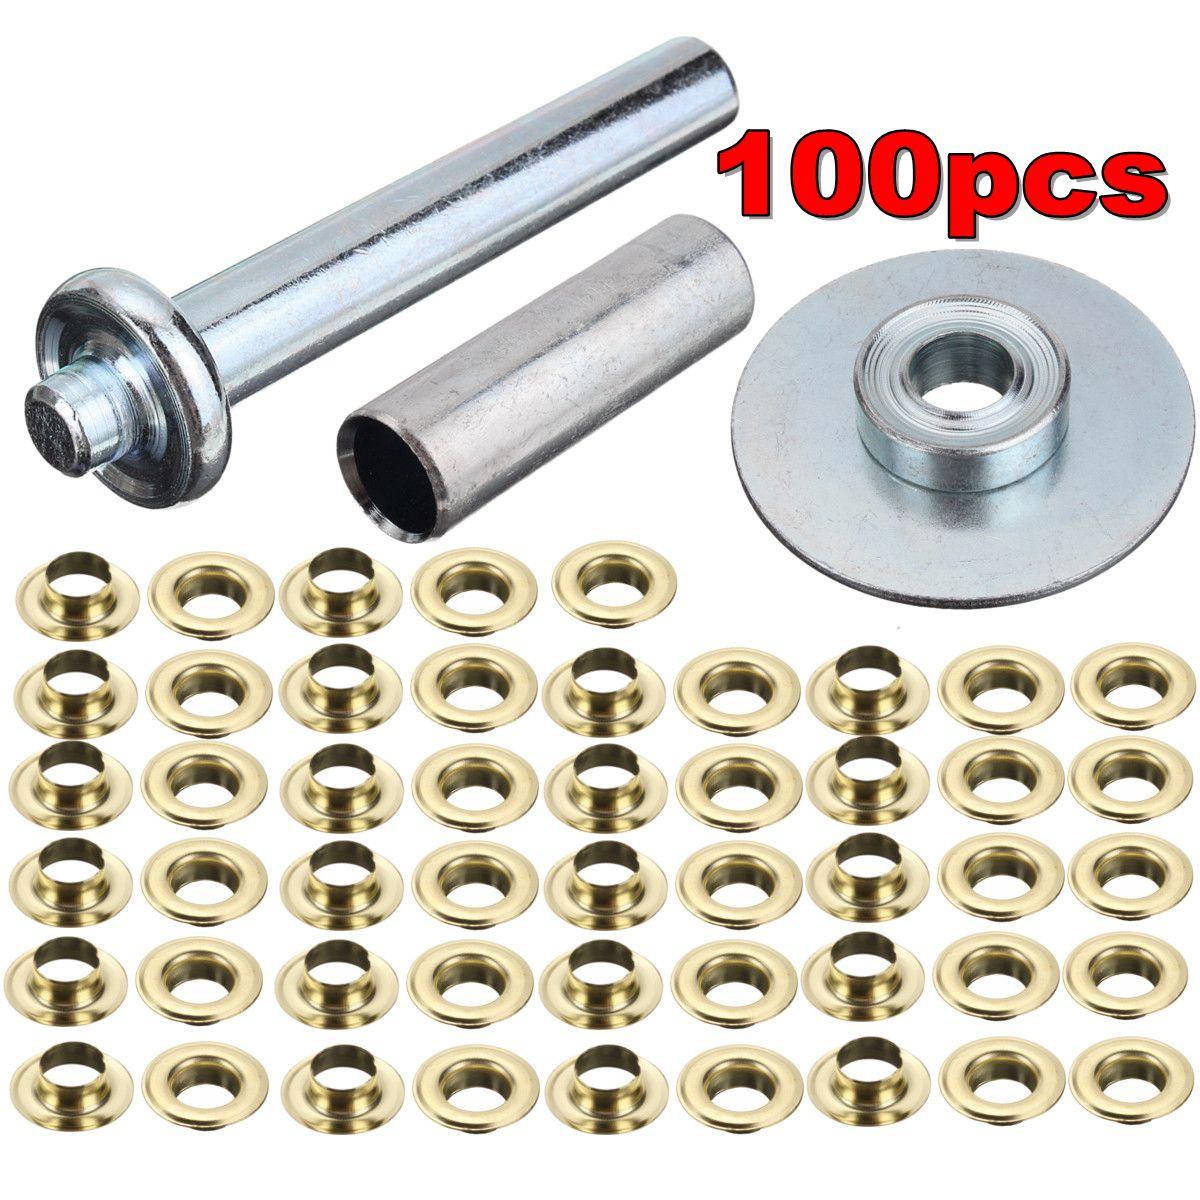 100pcs Tarp Repair Kit 100 Brass Grommet Eyelet Punch Stamp Tarpaulin Awning Set